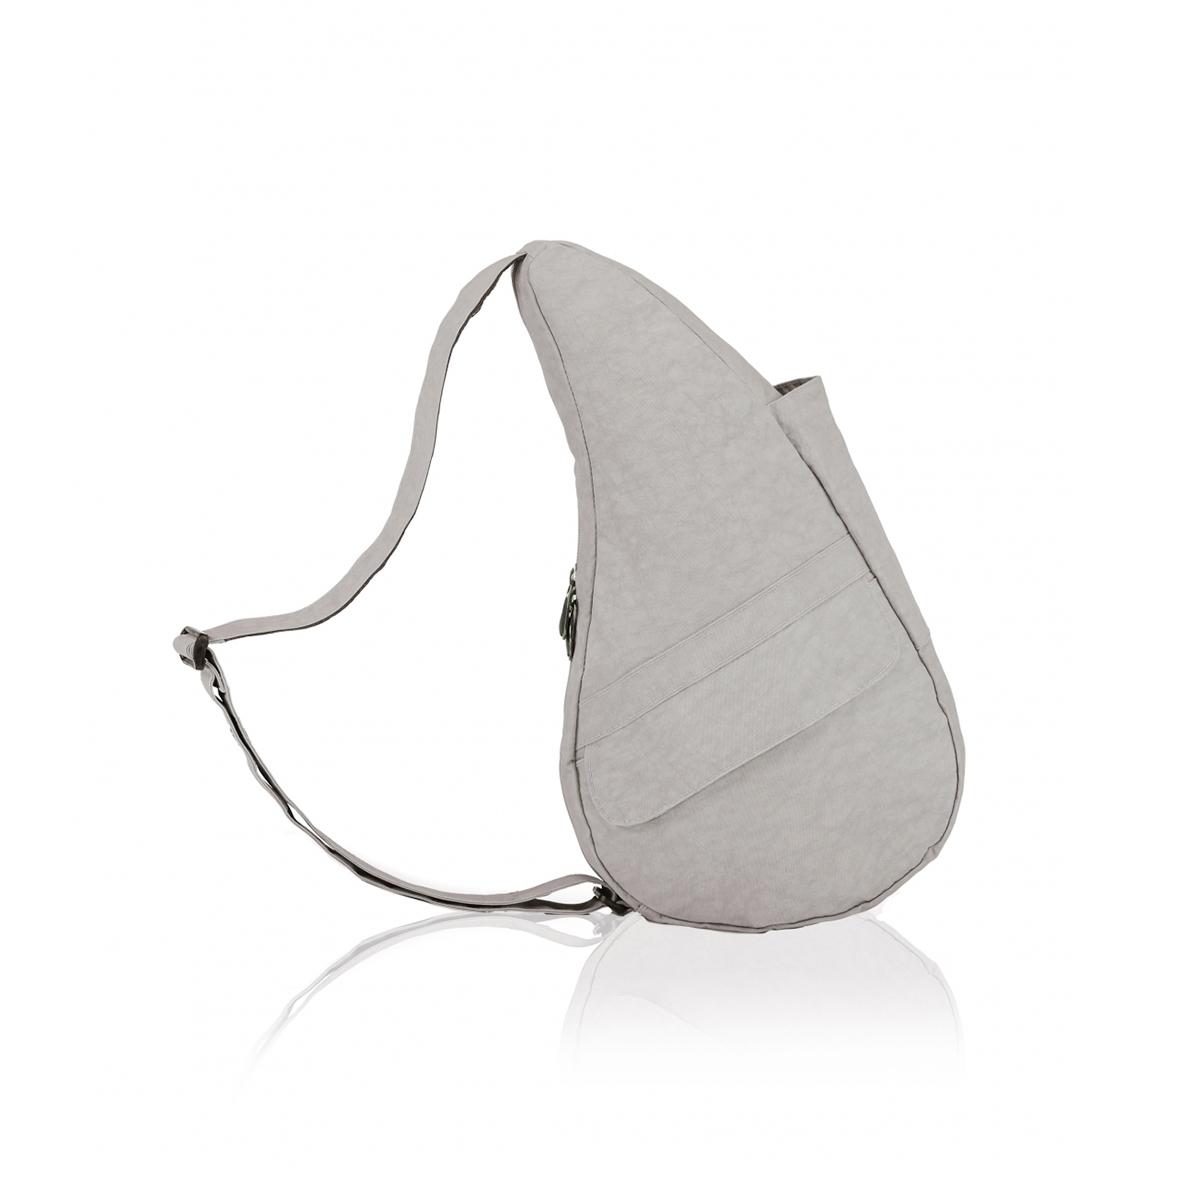 Healthy Back Bag/ヘルシーバックバッグ/ショルダーバッグ/ボディバッグ/旅行バッグ/軽量/レディース/メンズ 《限定ポーチ付》 公式ストア ヘルシーバックバッグ テクスチャードナイロン Sサイズ グレーフォックス